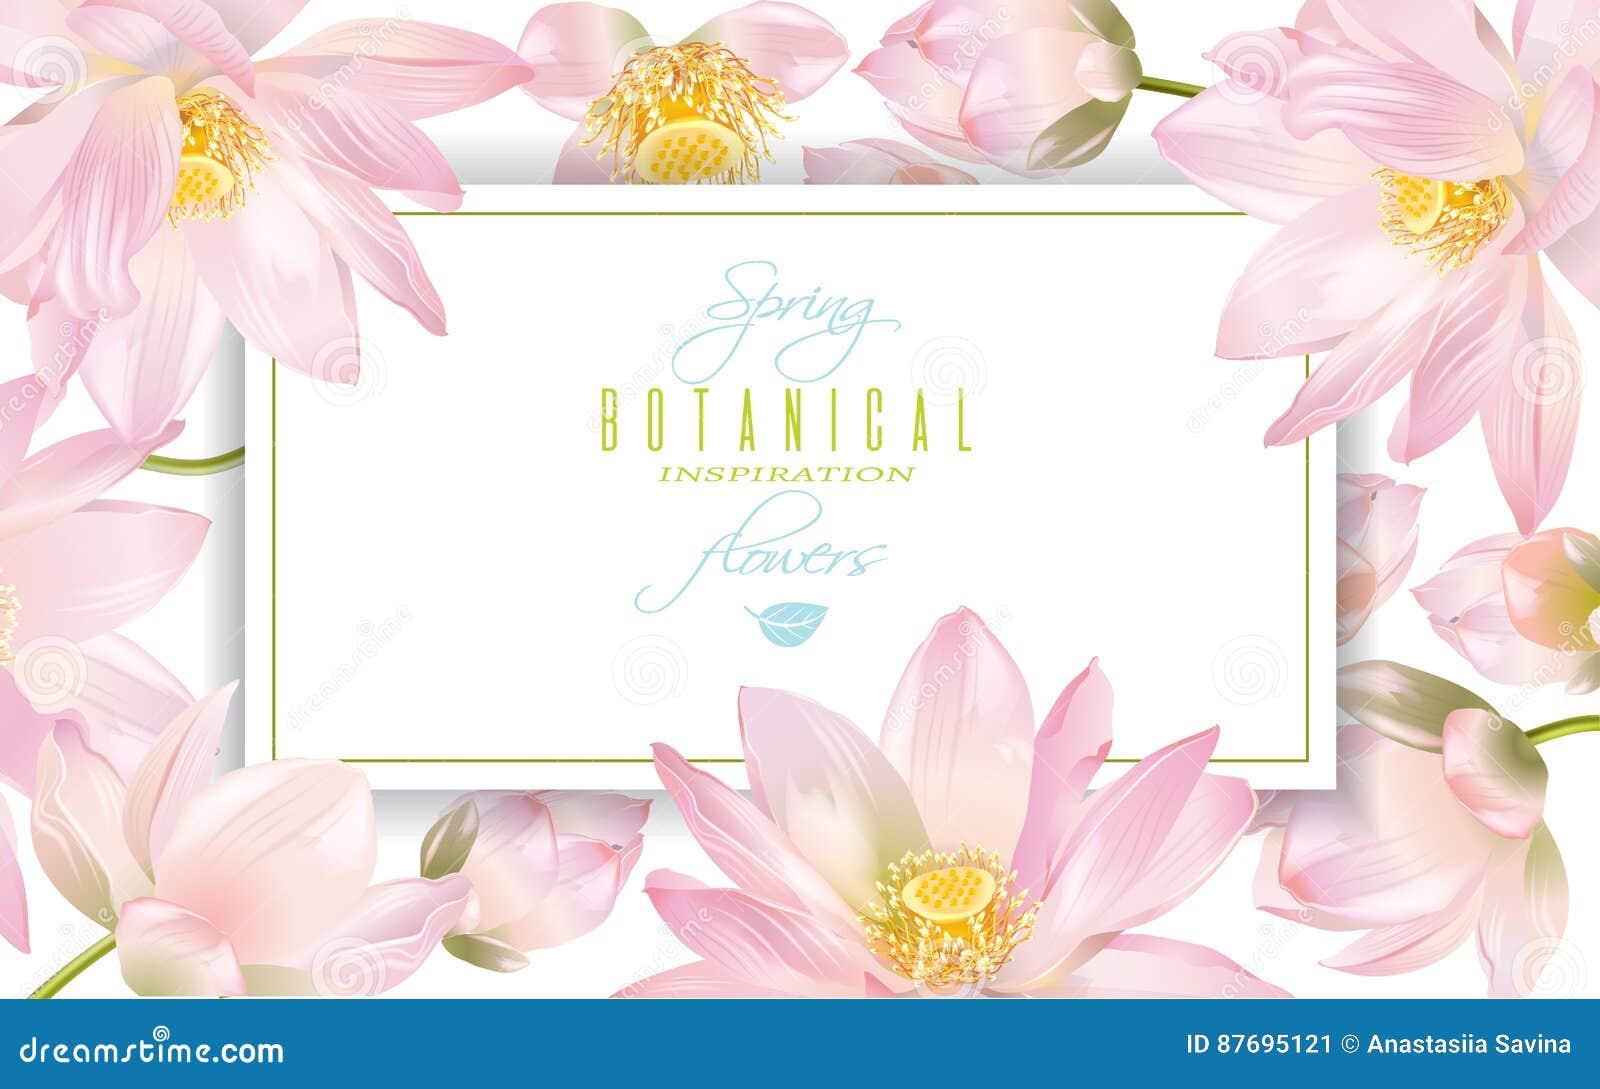 Lotus Flower Banner Stock Vector Illustration Of Healing 87695121